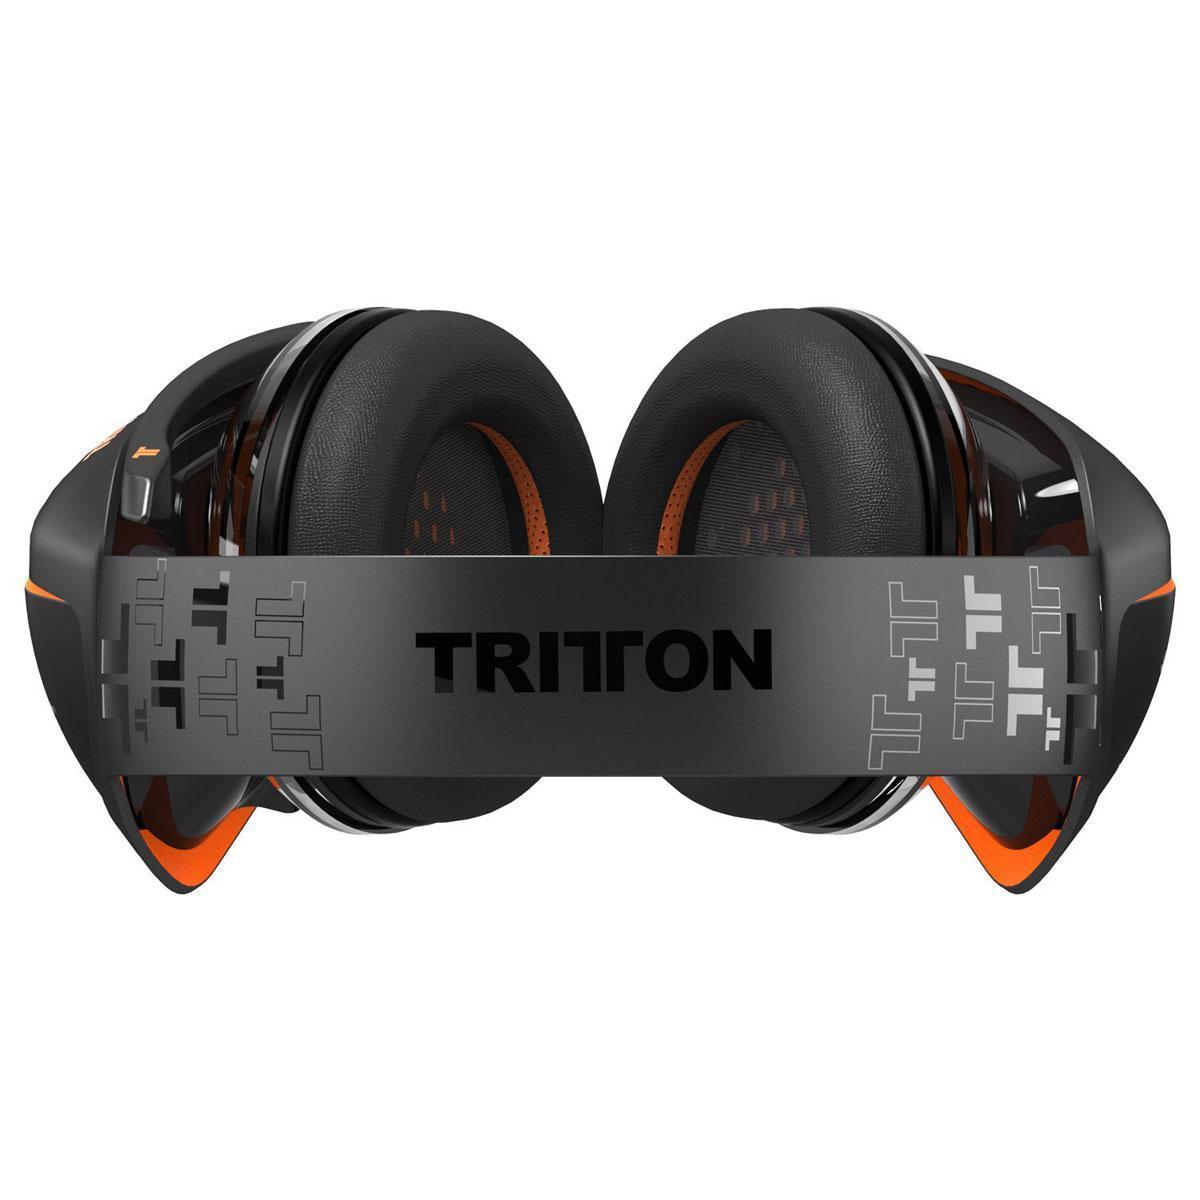 Tritton ARK100 Kuulokkeet Gaming Mikrofonilla - Musta/Oranssi